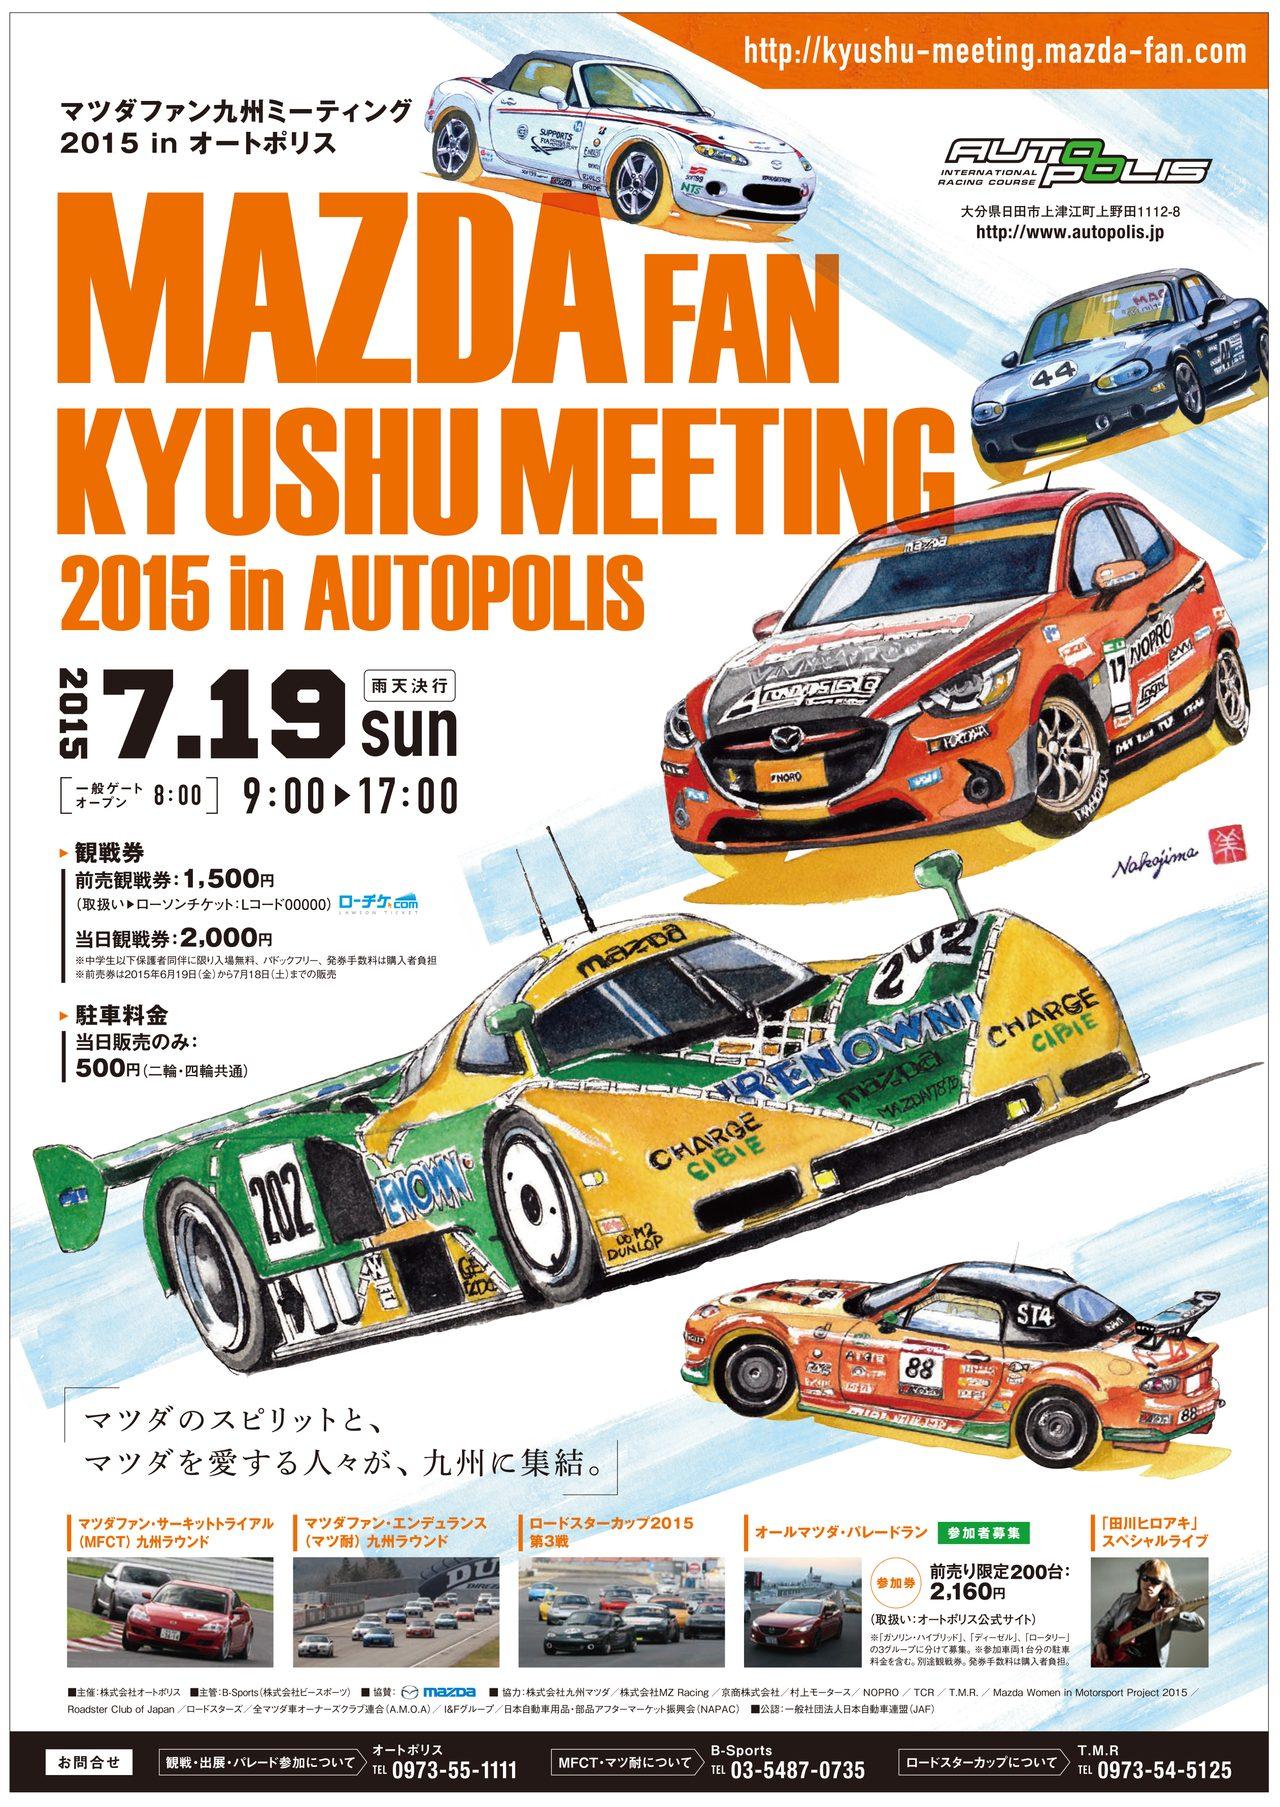 画像: マツダファン九州ミーティング2015 in オートポリス kyushu-meeting.mazda-fan.com